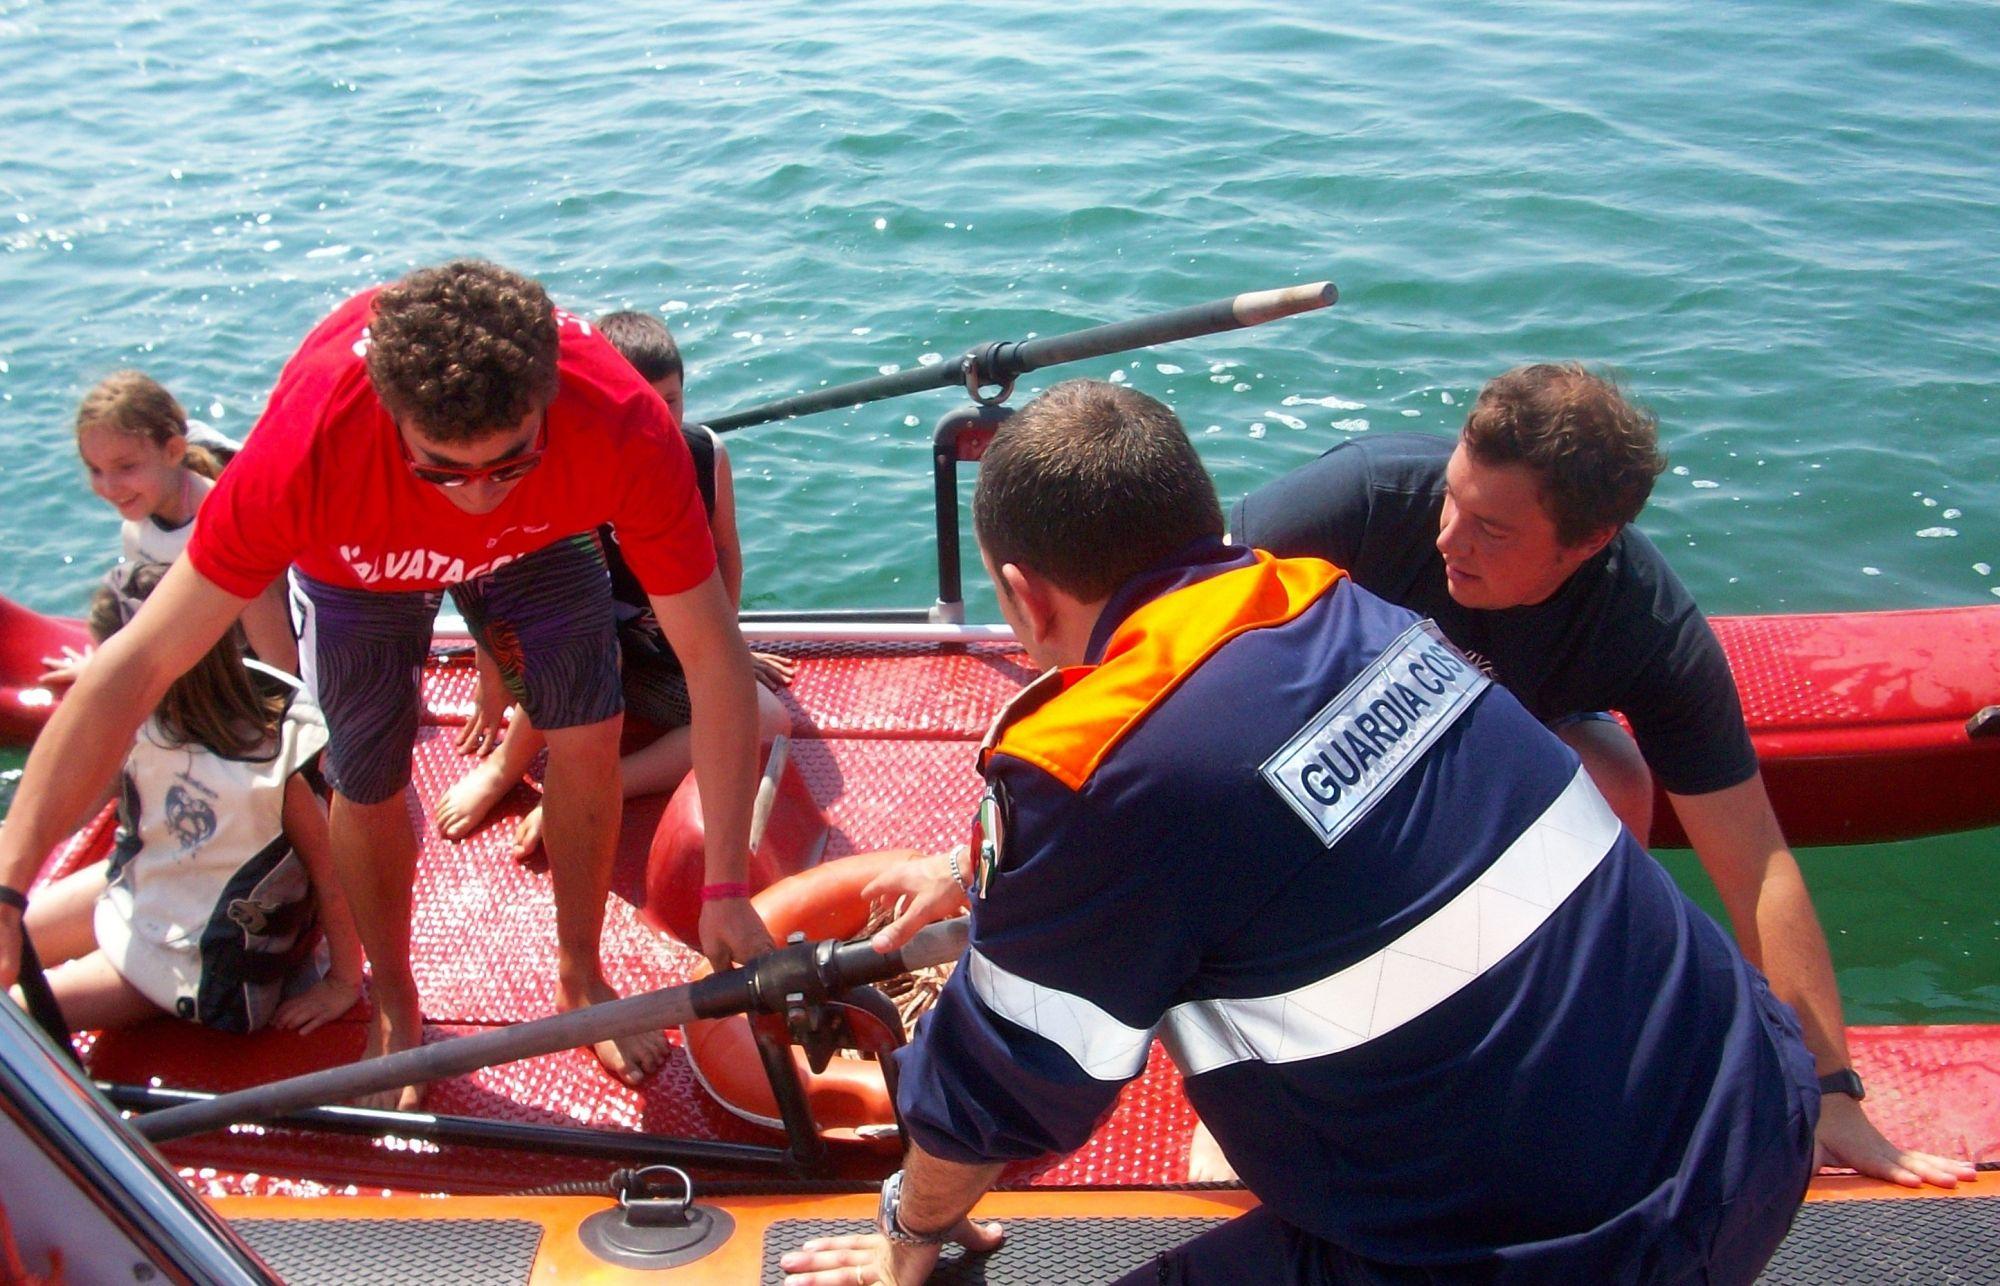 Ricerca e salvataggio in mare, esercitazione domani a Viareggio